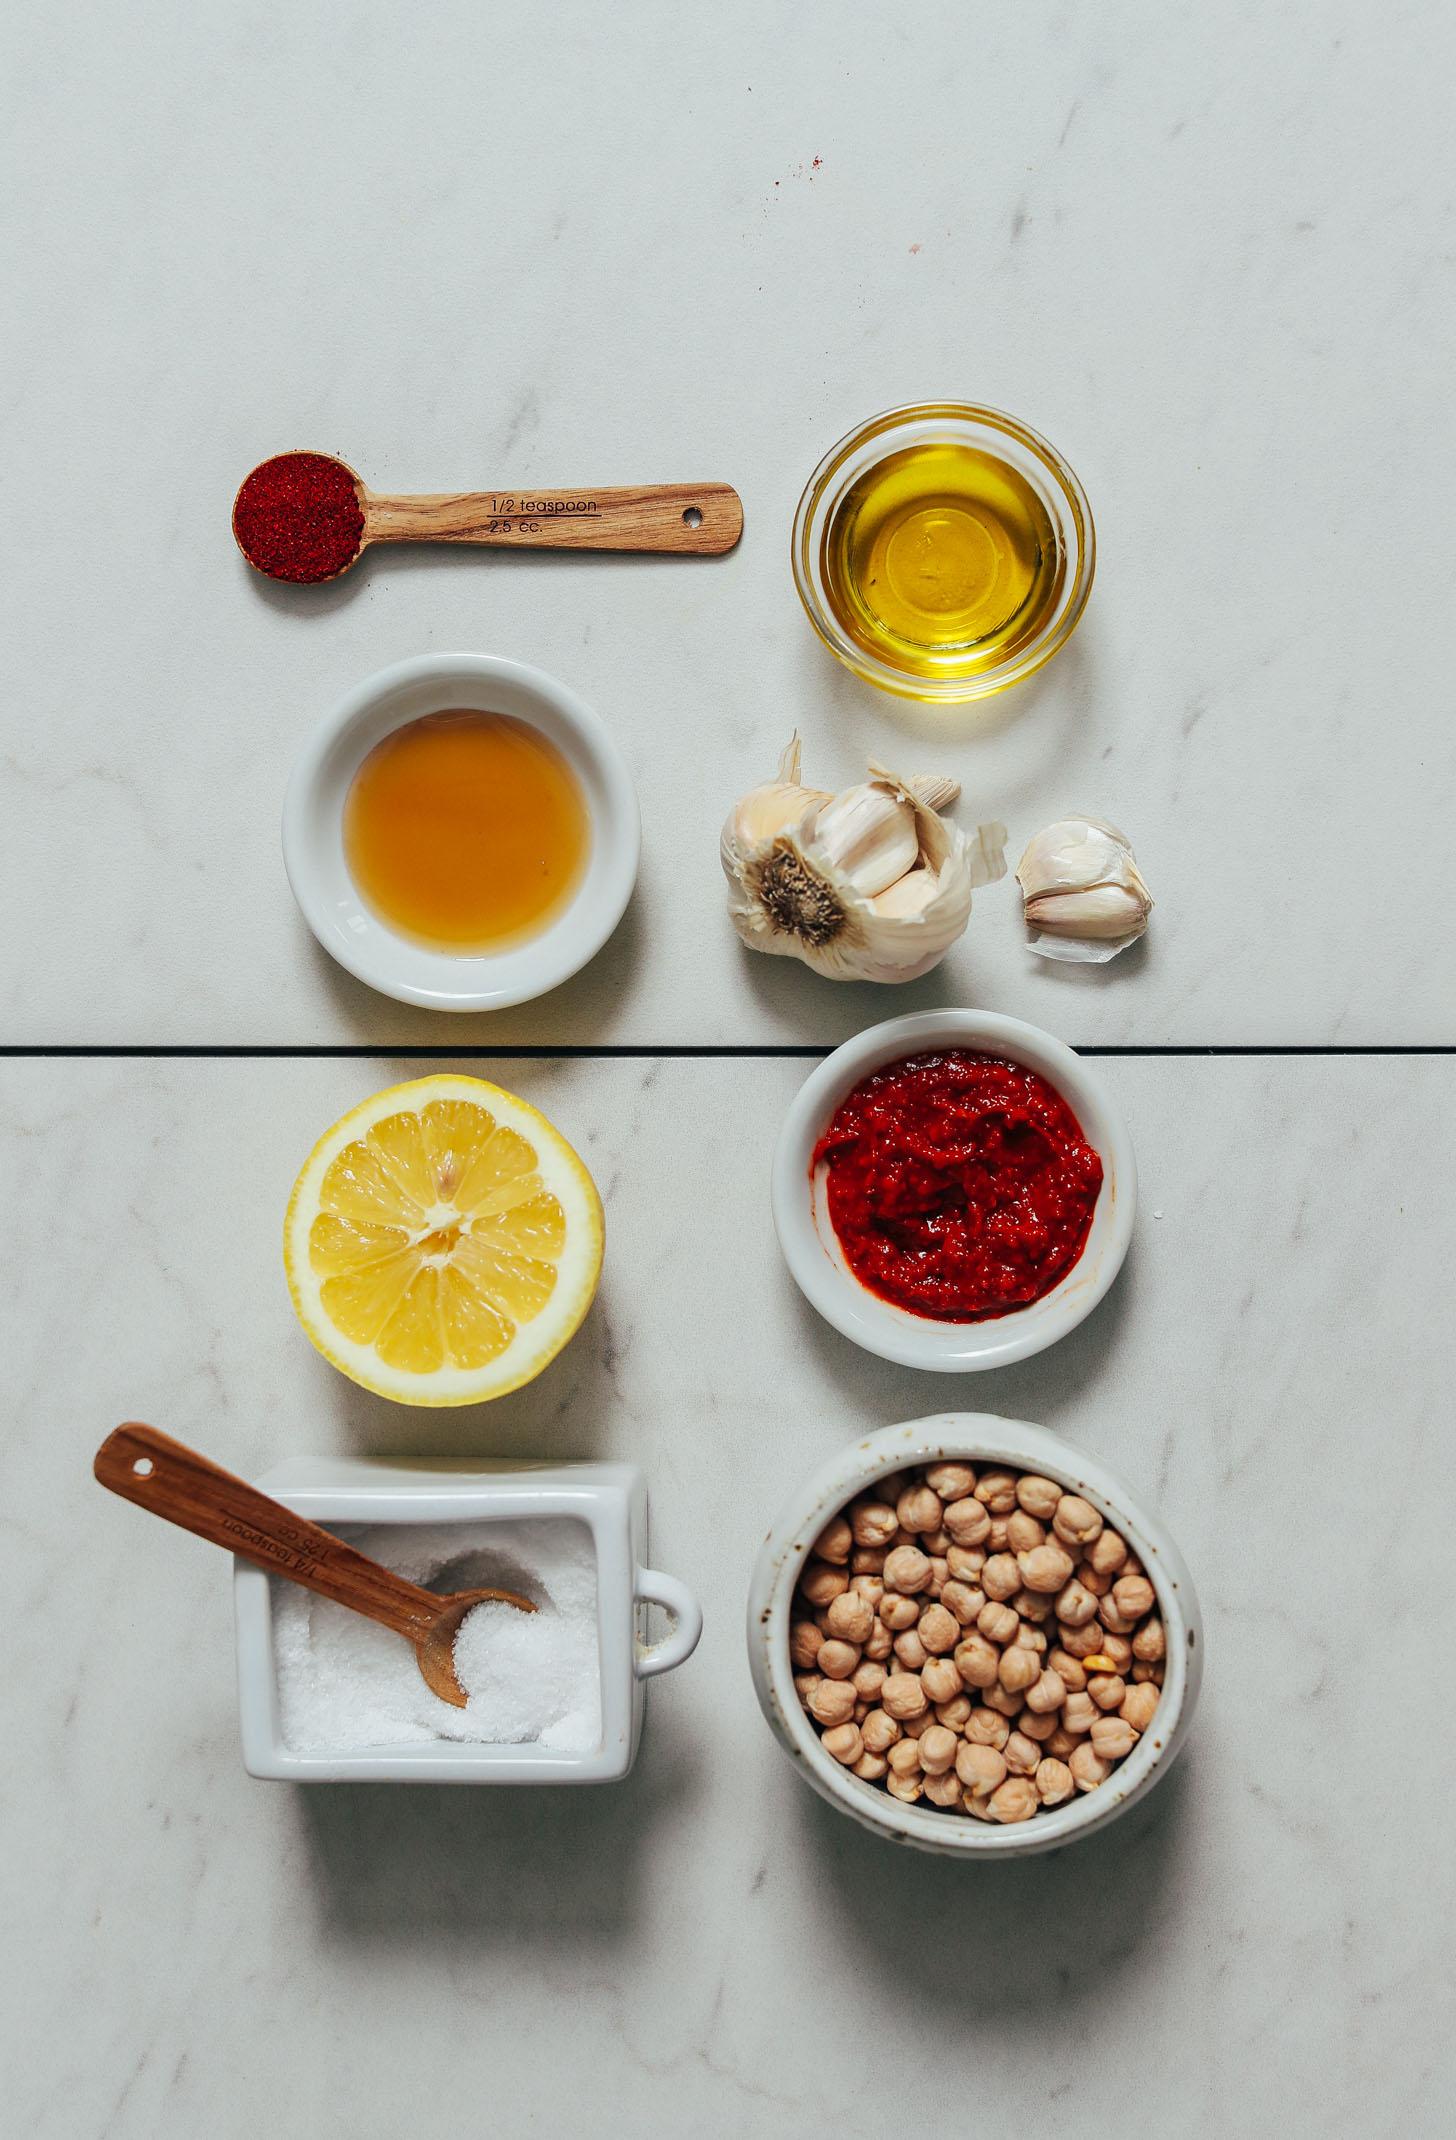 Cucharas y platos o sal, jugo de limón, jarabe de arce, pimentón, aceite de oliva, ajo, pasta de harissa y garbanzos secos.